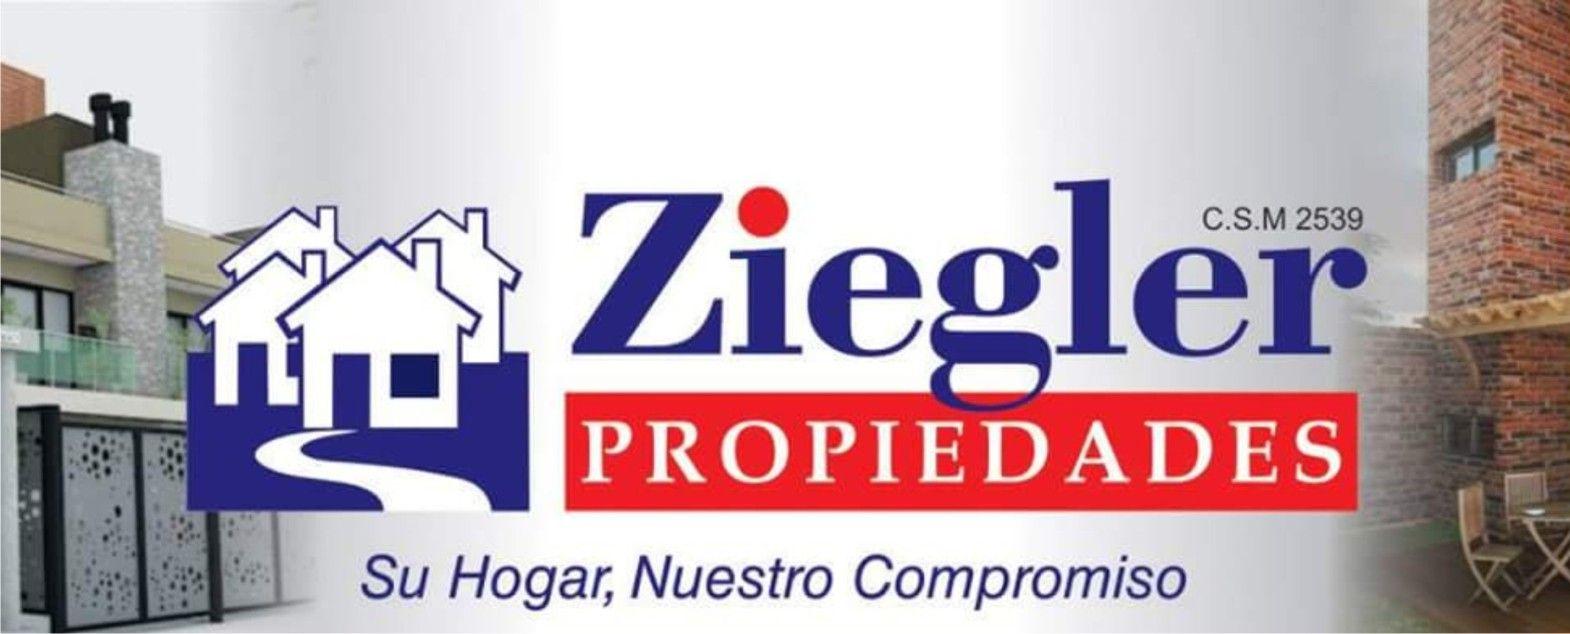 Logo de  Ernesto R. Ziegler